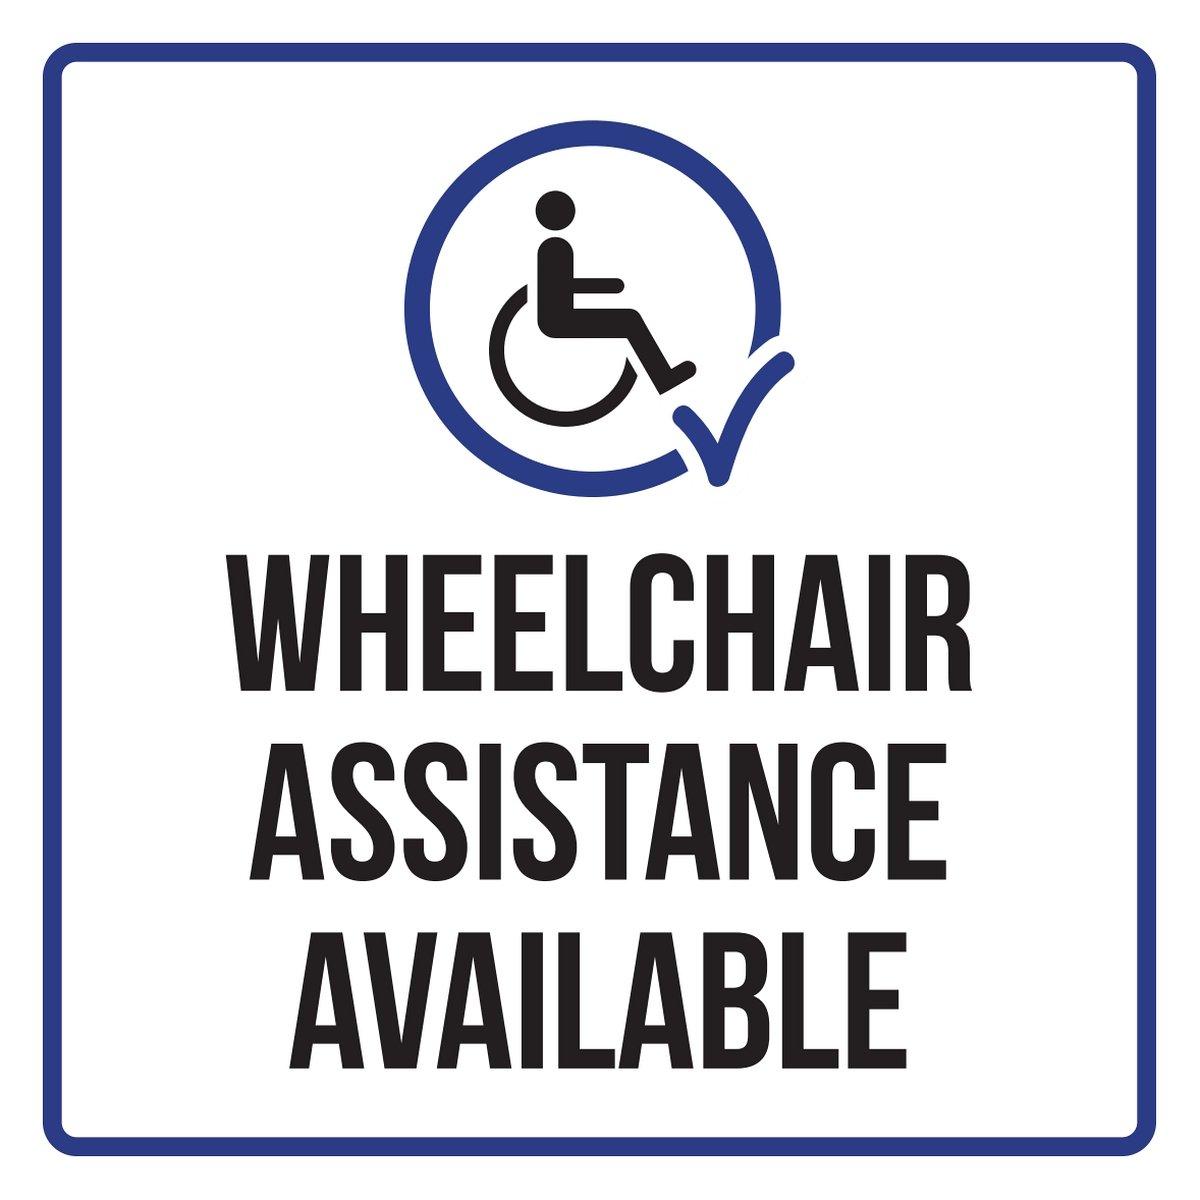 予約駐車場HandicapプレートまたはPermit Only DisabilityビジネスCommercial安全警告Squareサイン – 12 x 12 12x12 Inch SQ2680-METAL B0785RRYBK